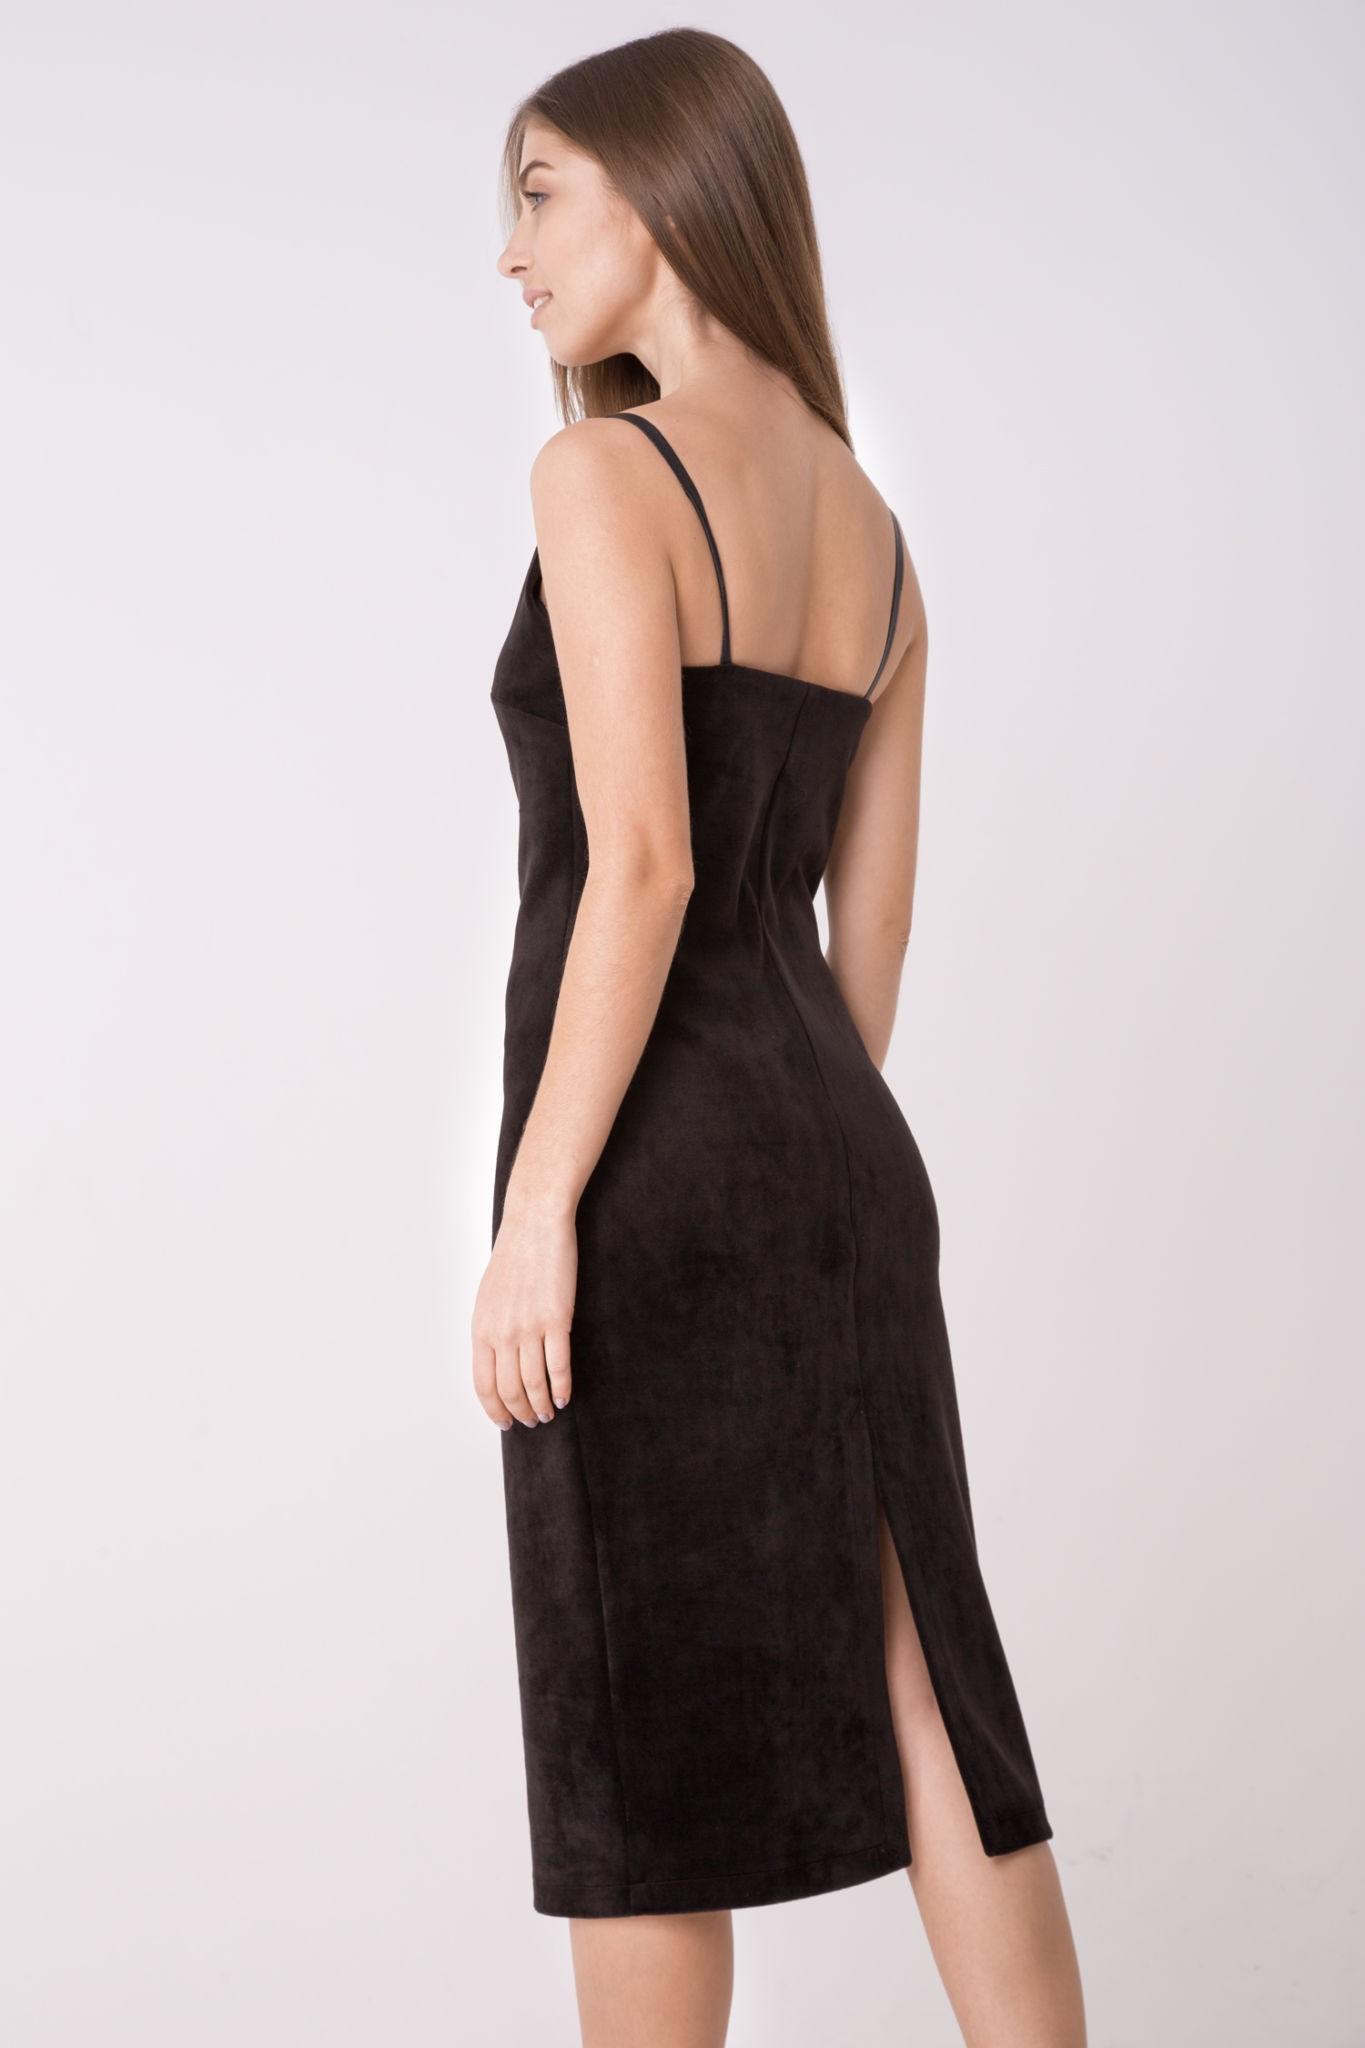 Модные женские платья сезона Осень-2018: сарафан бархатный черный с разрезом